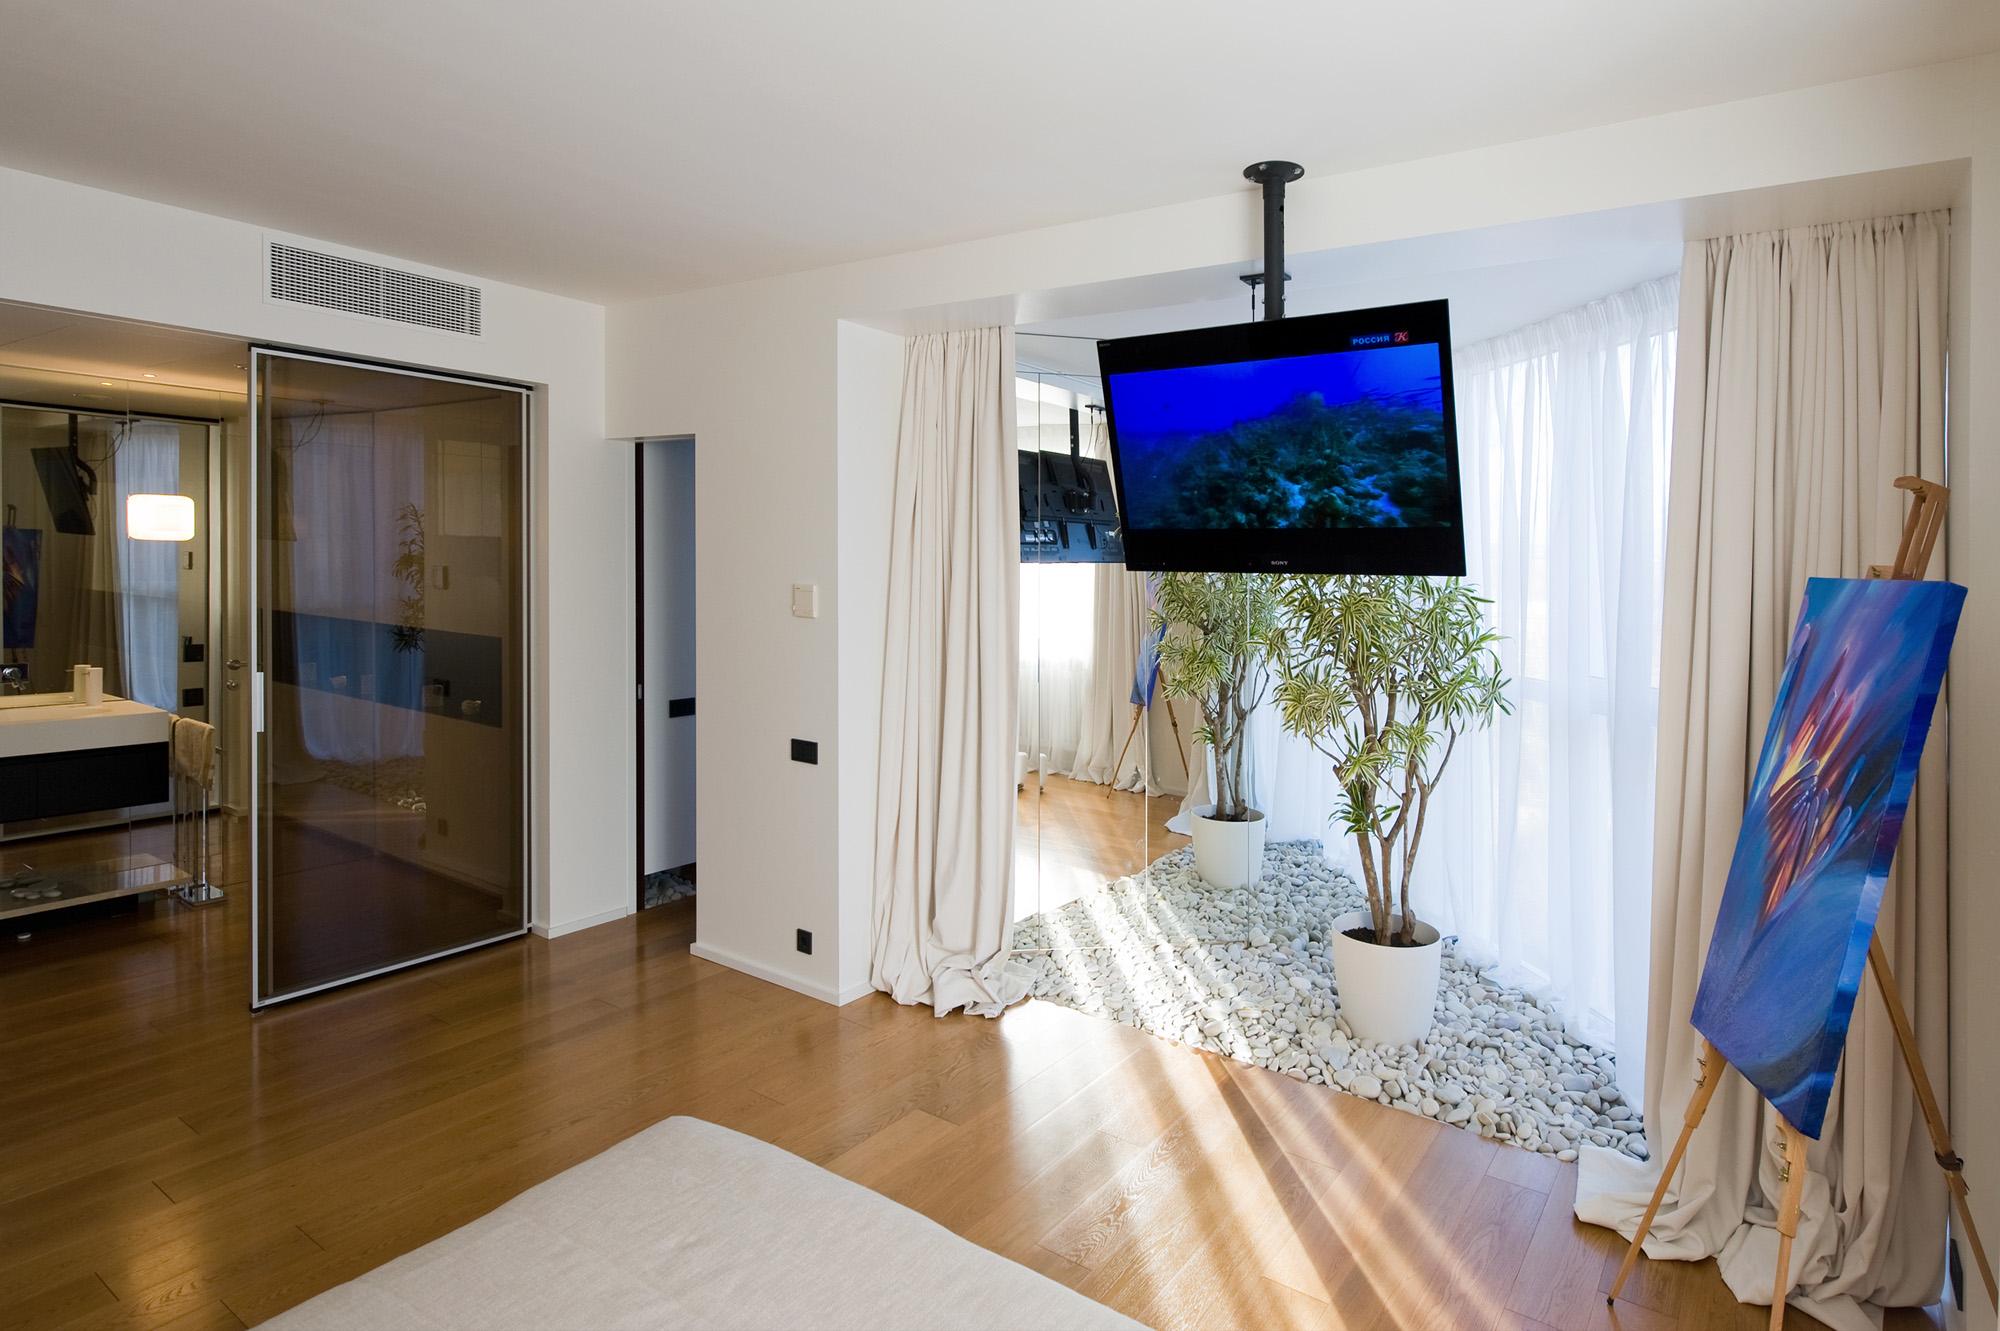 """Дизайн 1 комнатной квартиры в новостройке """" картинки и фотог."""